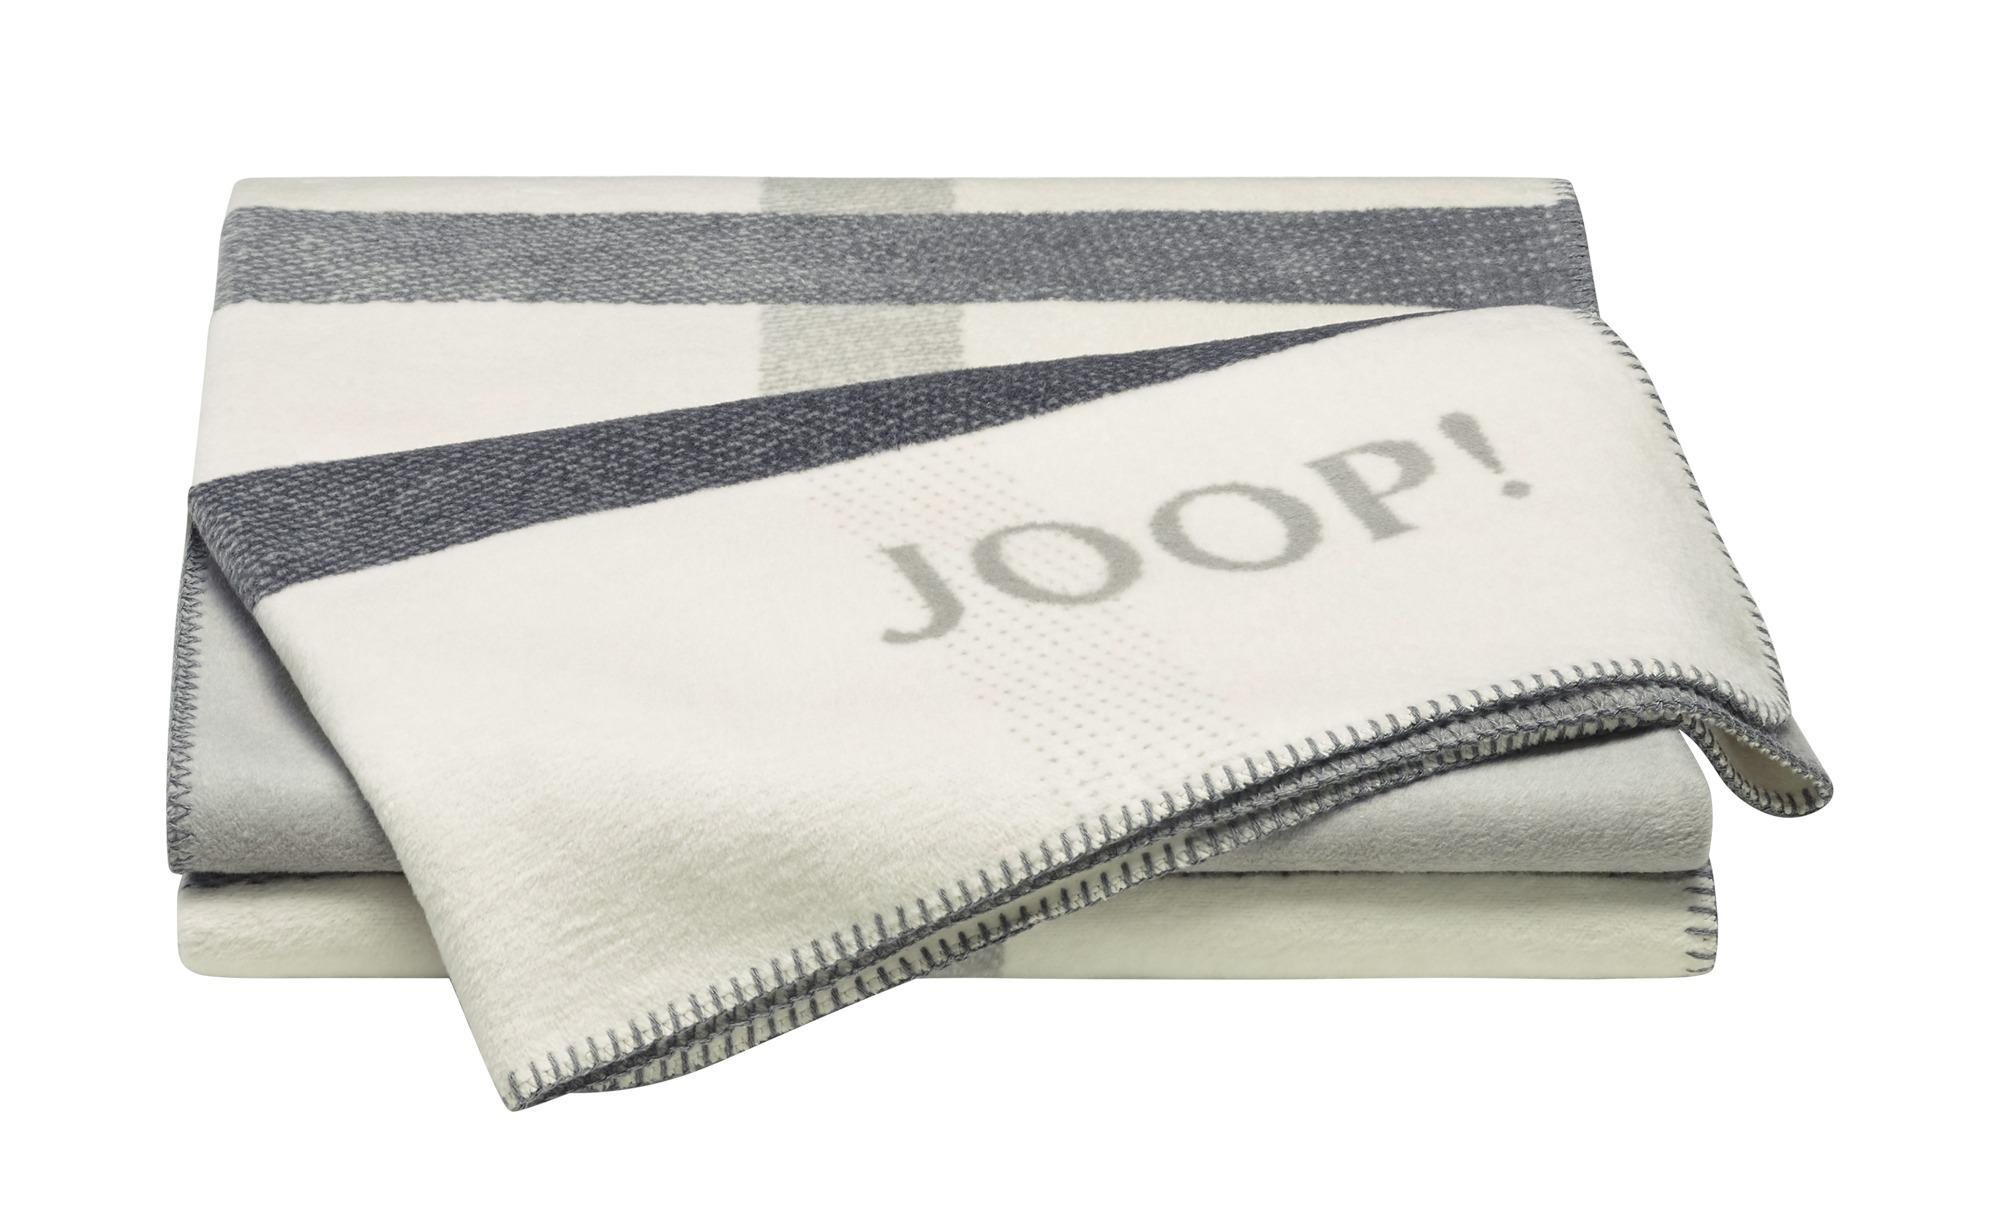 JOOP! Wohndecke  JOOP! Square ¦ beige ¦ 58% Baumwolle, 35% Polyacrylnitril (Dralon), 7% Polyester  ¦ Maße (cm): B: 150 Heimtextilien > Kuscheldecken - Höffner